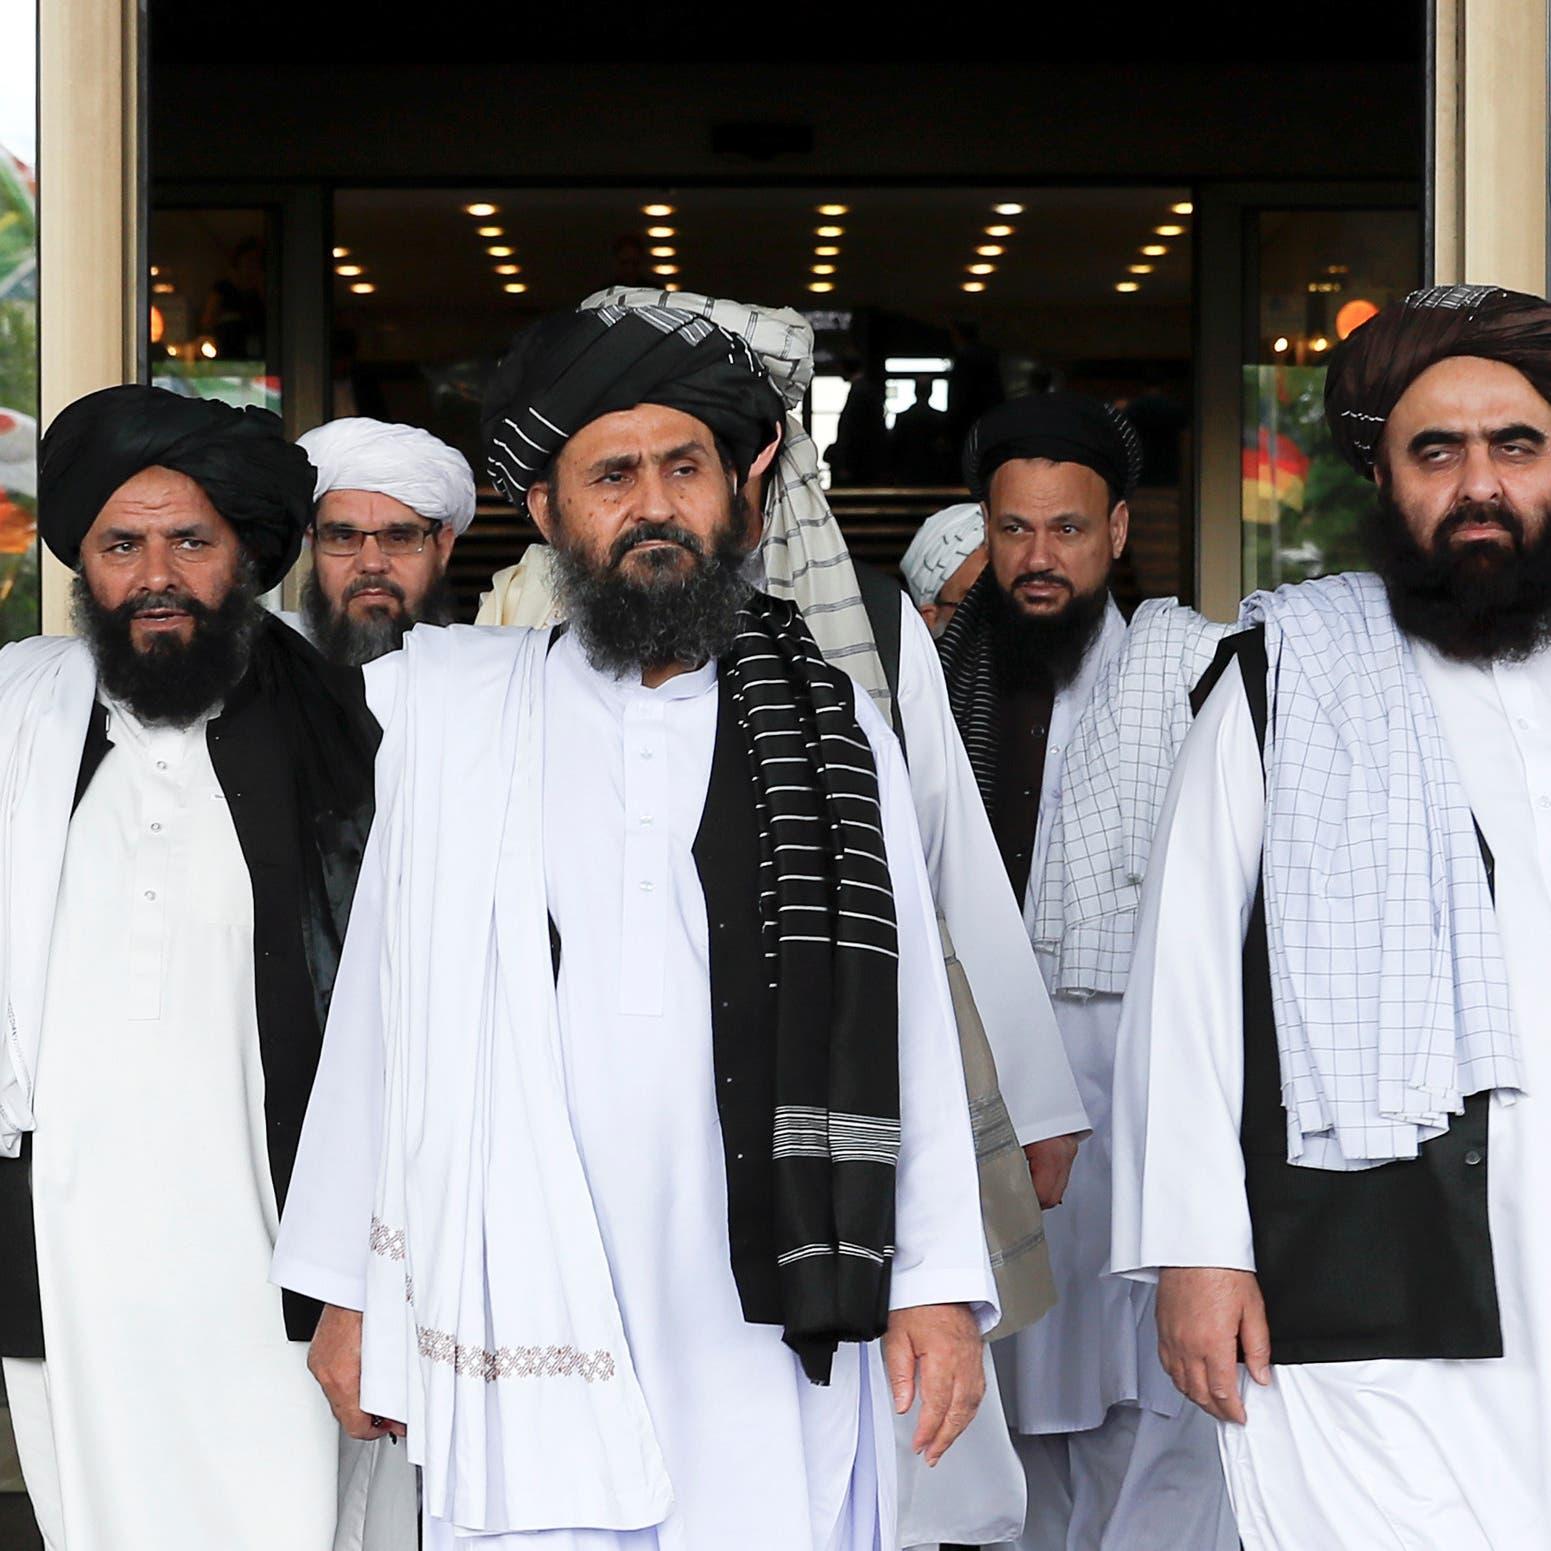 طالبان تأمر بوقف الهجمات انتظارا لتوقيع اتفاق مع أميركا